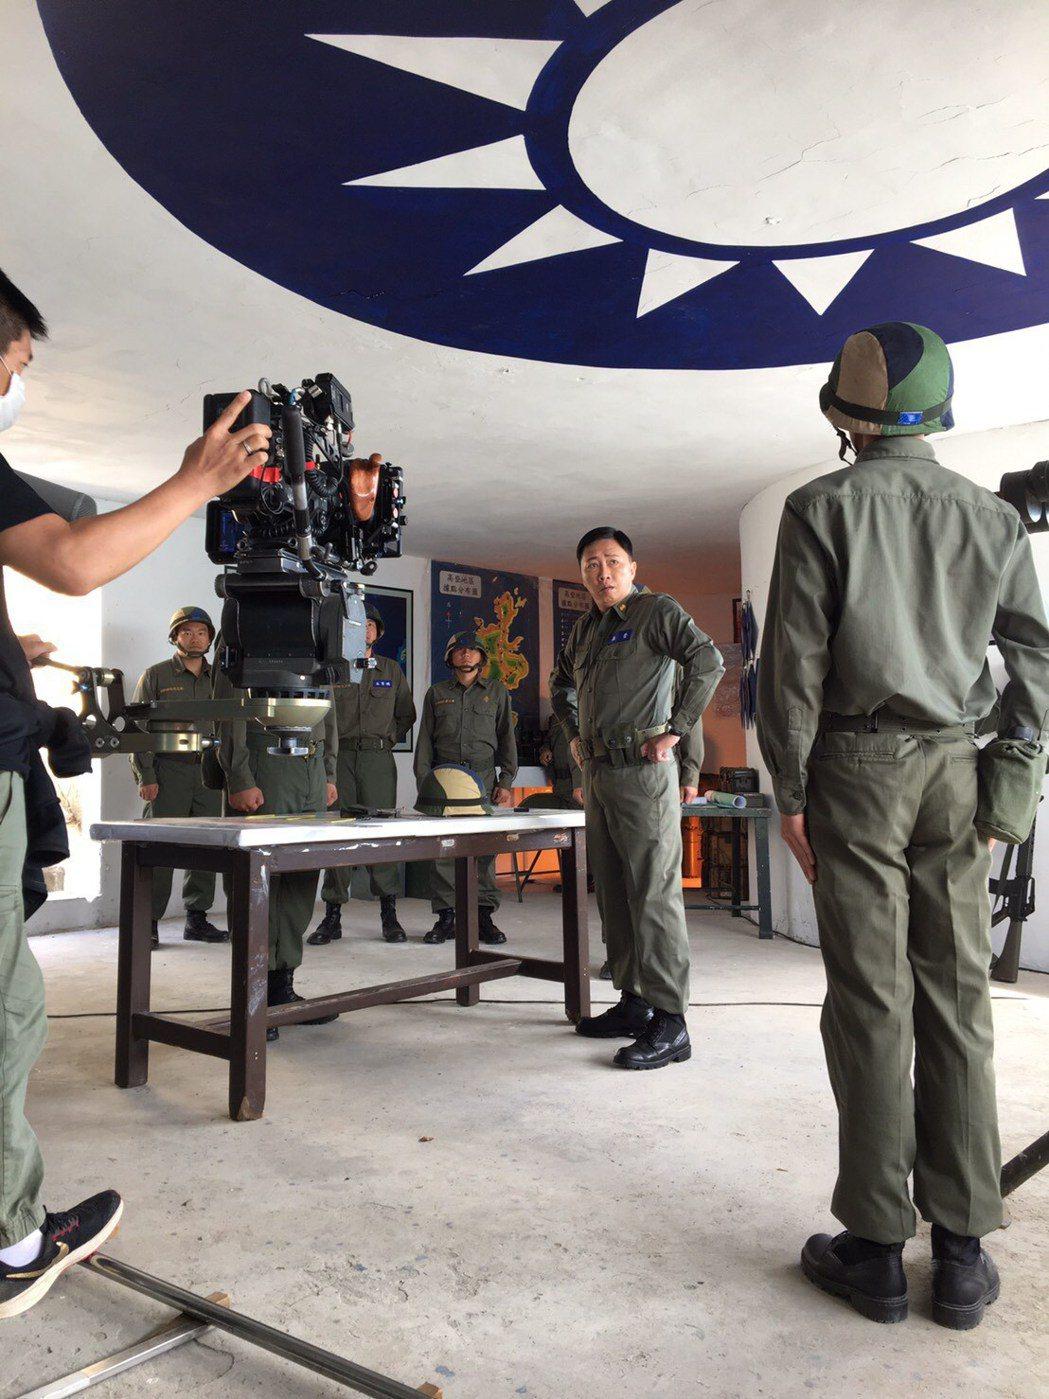 趙正平加入「國際橋牌社」第二季拍攝。圖/劇組提供